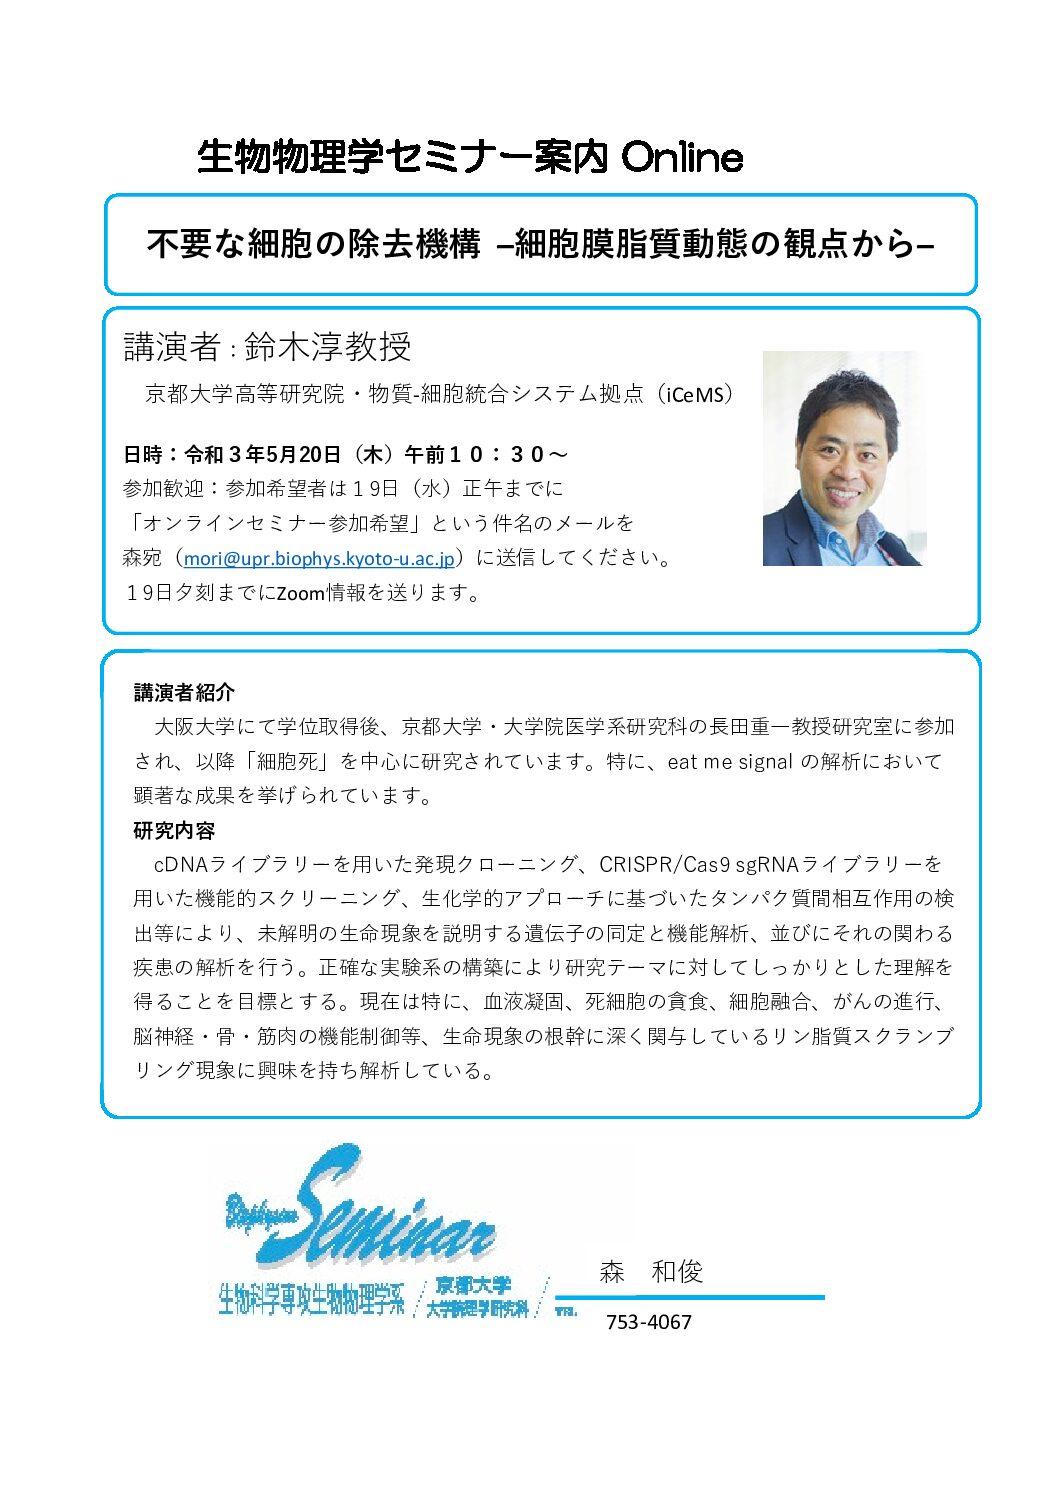 セミナー案内 鈴木敦教授 0520 2021